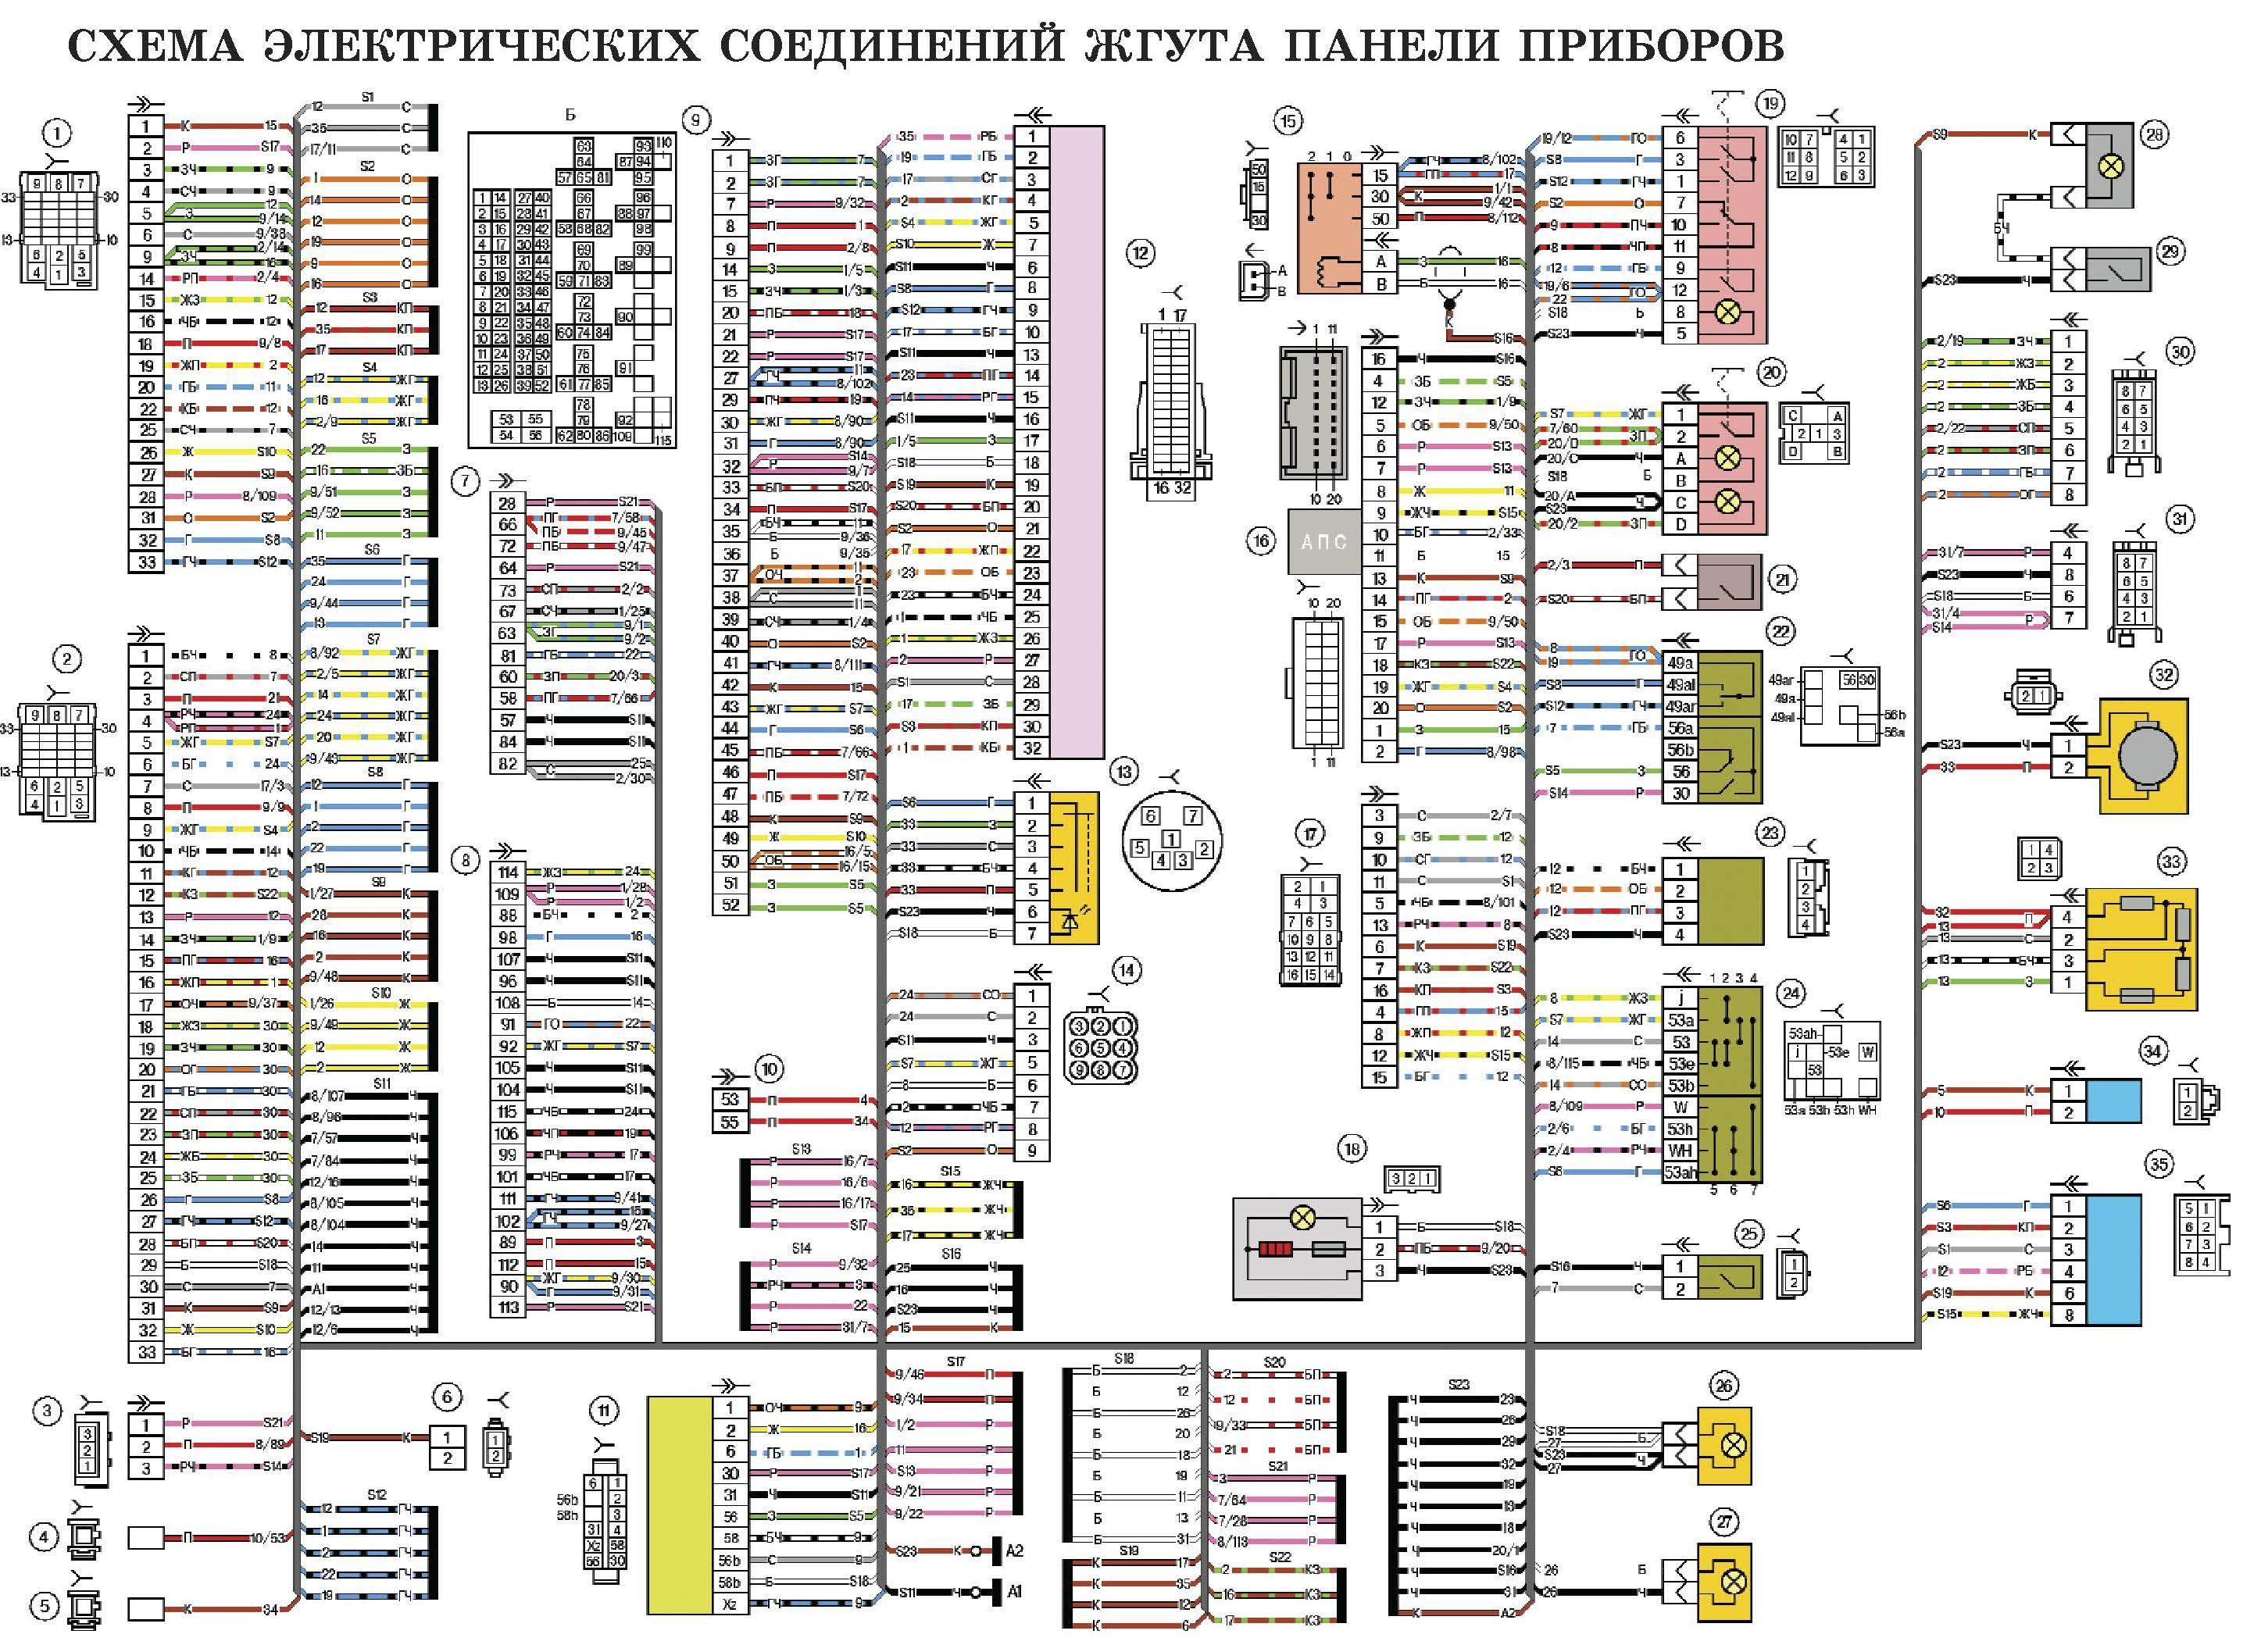 Схема электрических соединений жгута панели приборов автомобиля Лада Калина (LADA 1117 LADA 1118 LADA 1119)